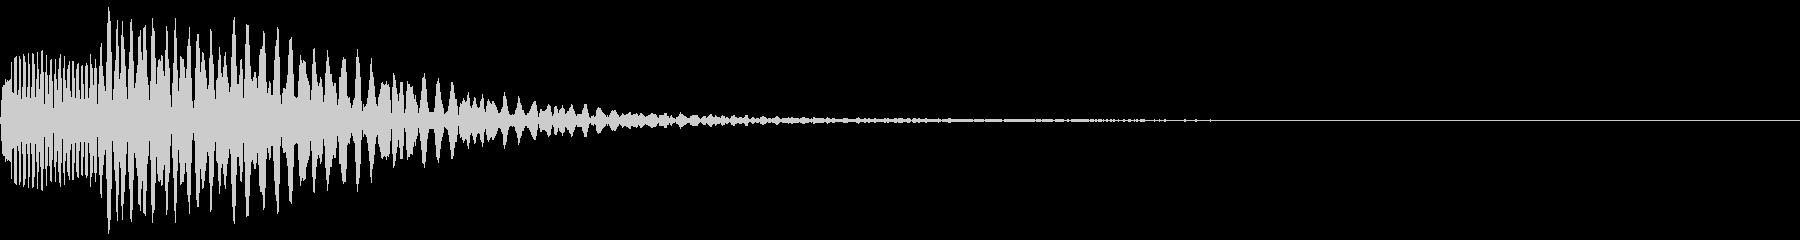 ポロロ(マイナスイメージ)の未再生の波形